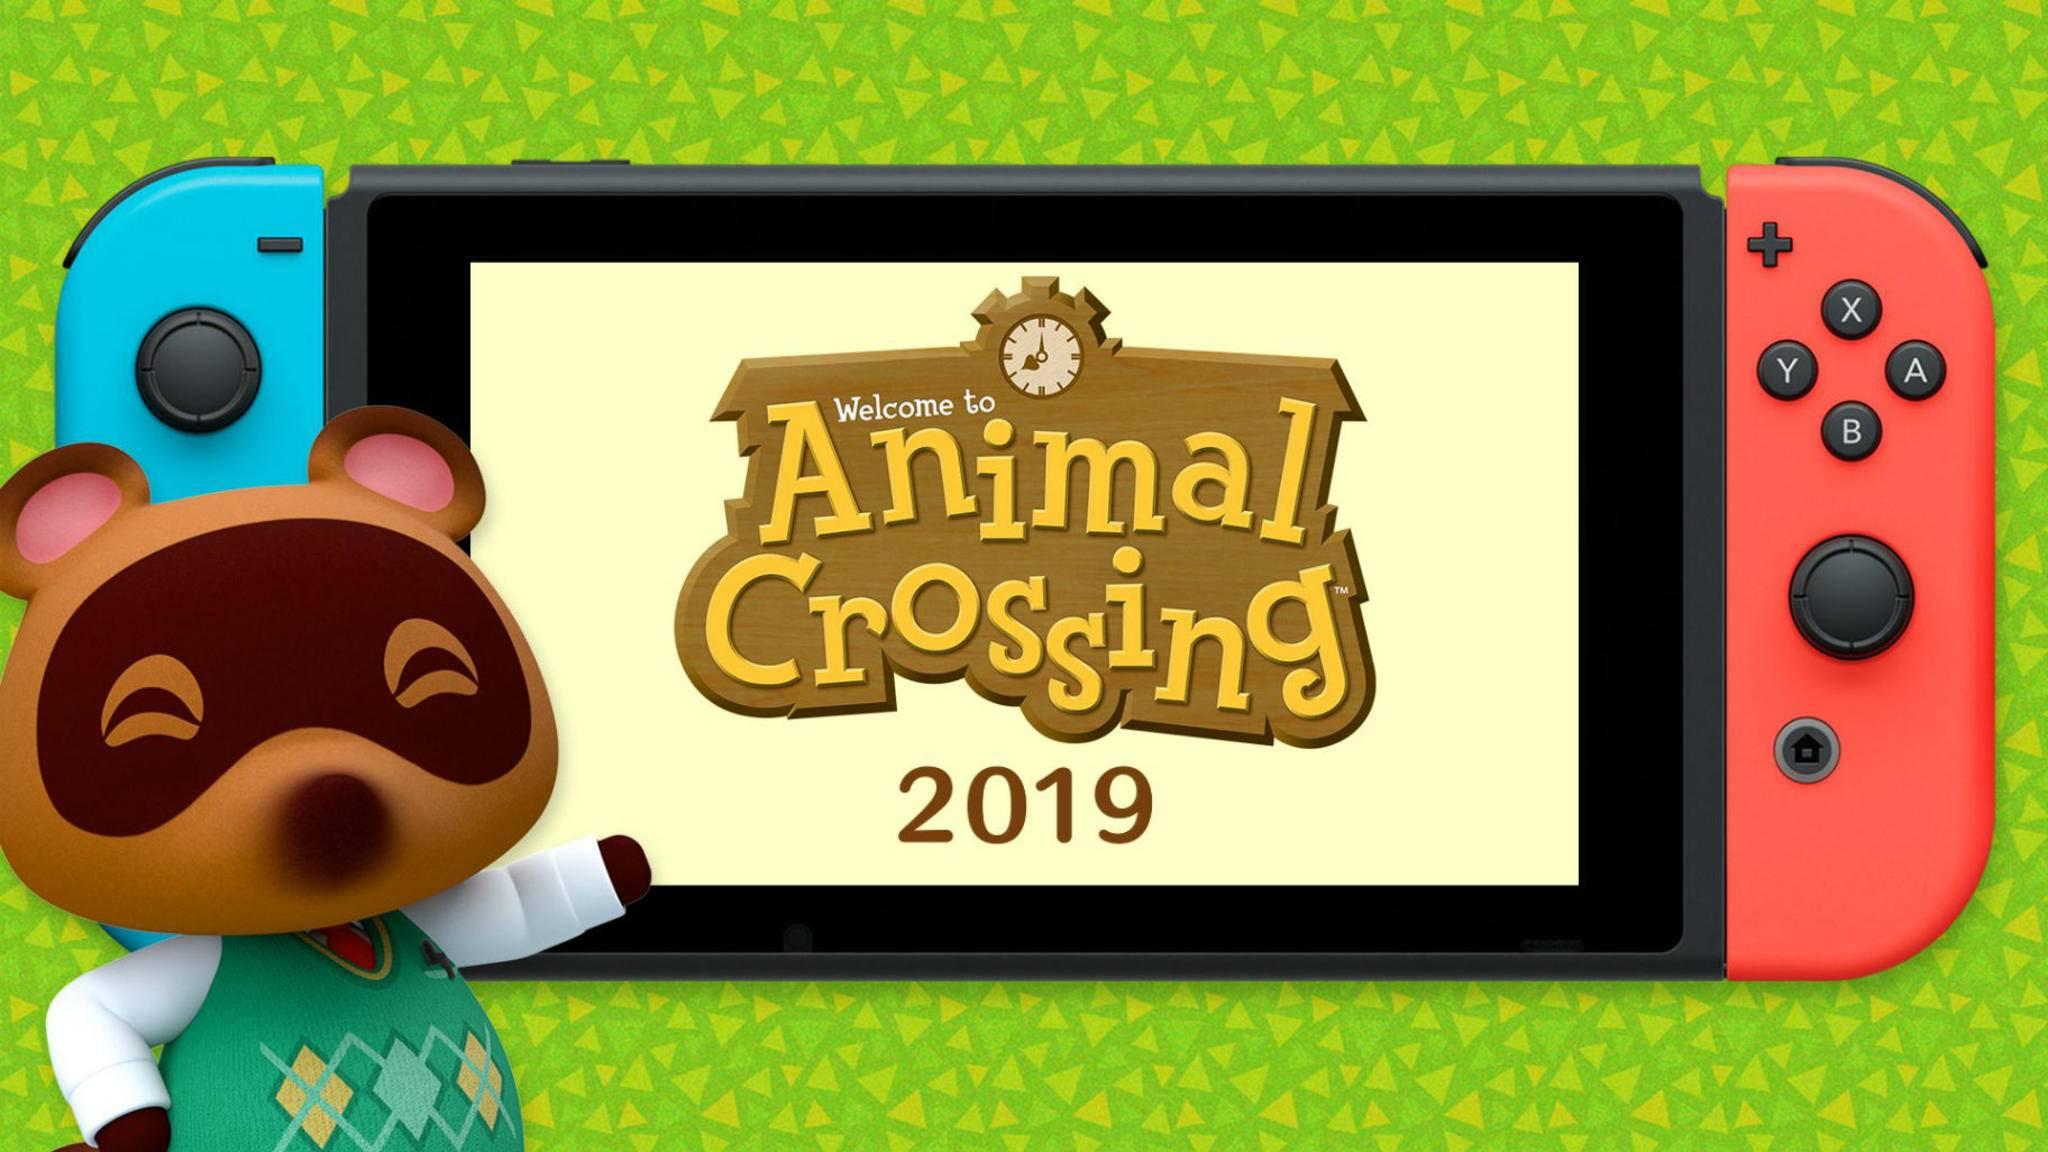 """Bereit ein neues Haus zu kaufen? 2019 erscheint ein neues """"Animal Crossing"""" auf der Nintendo Switch."""